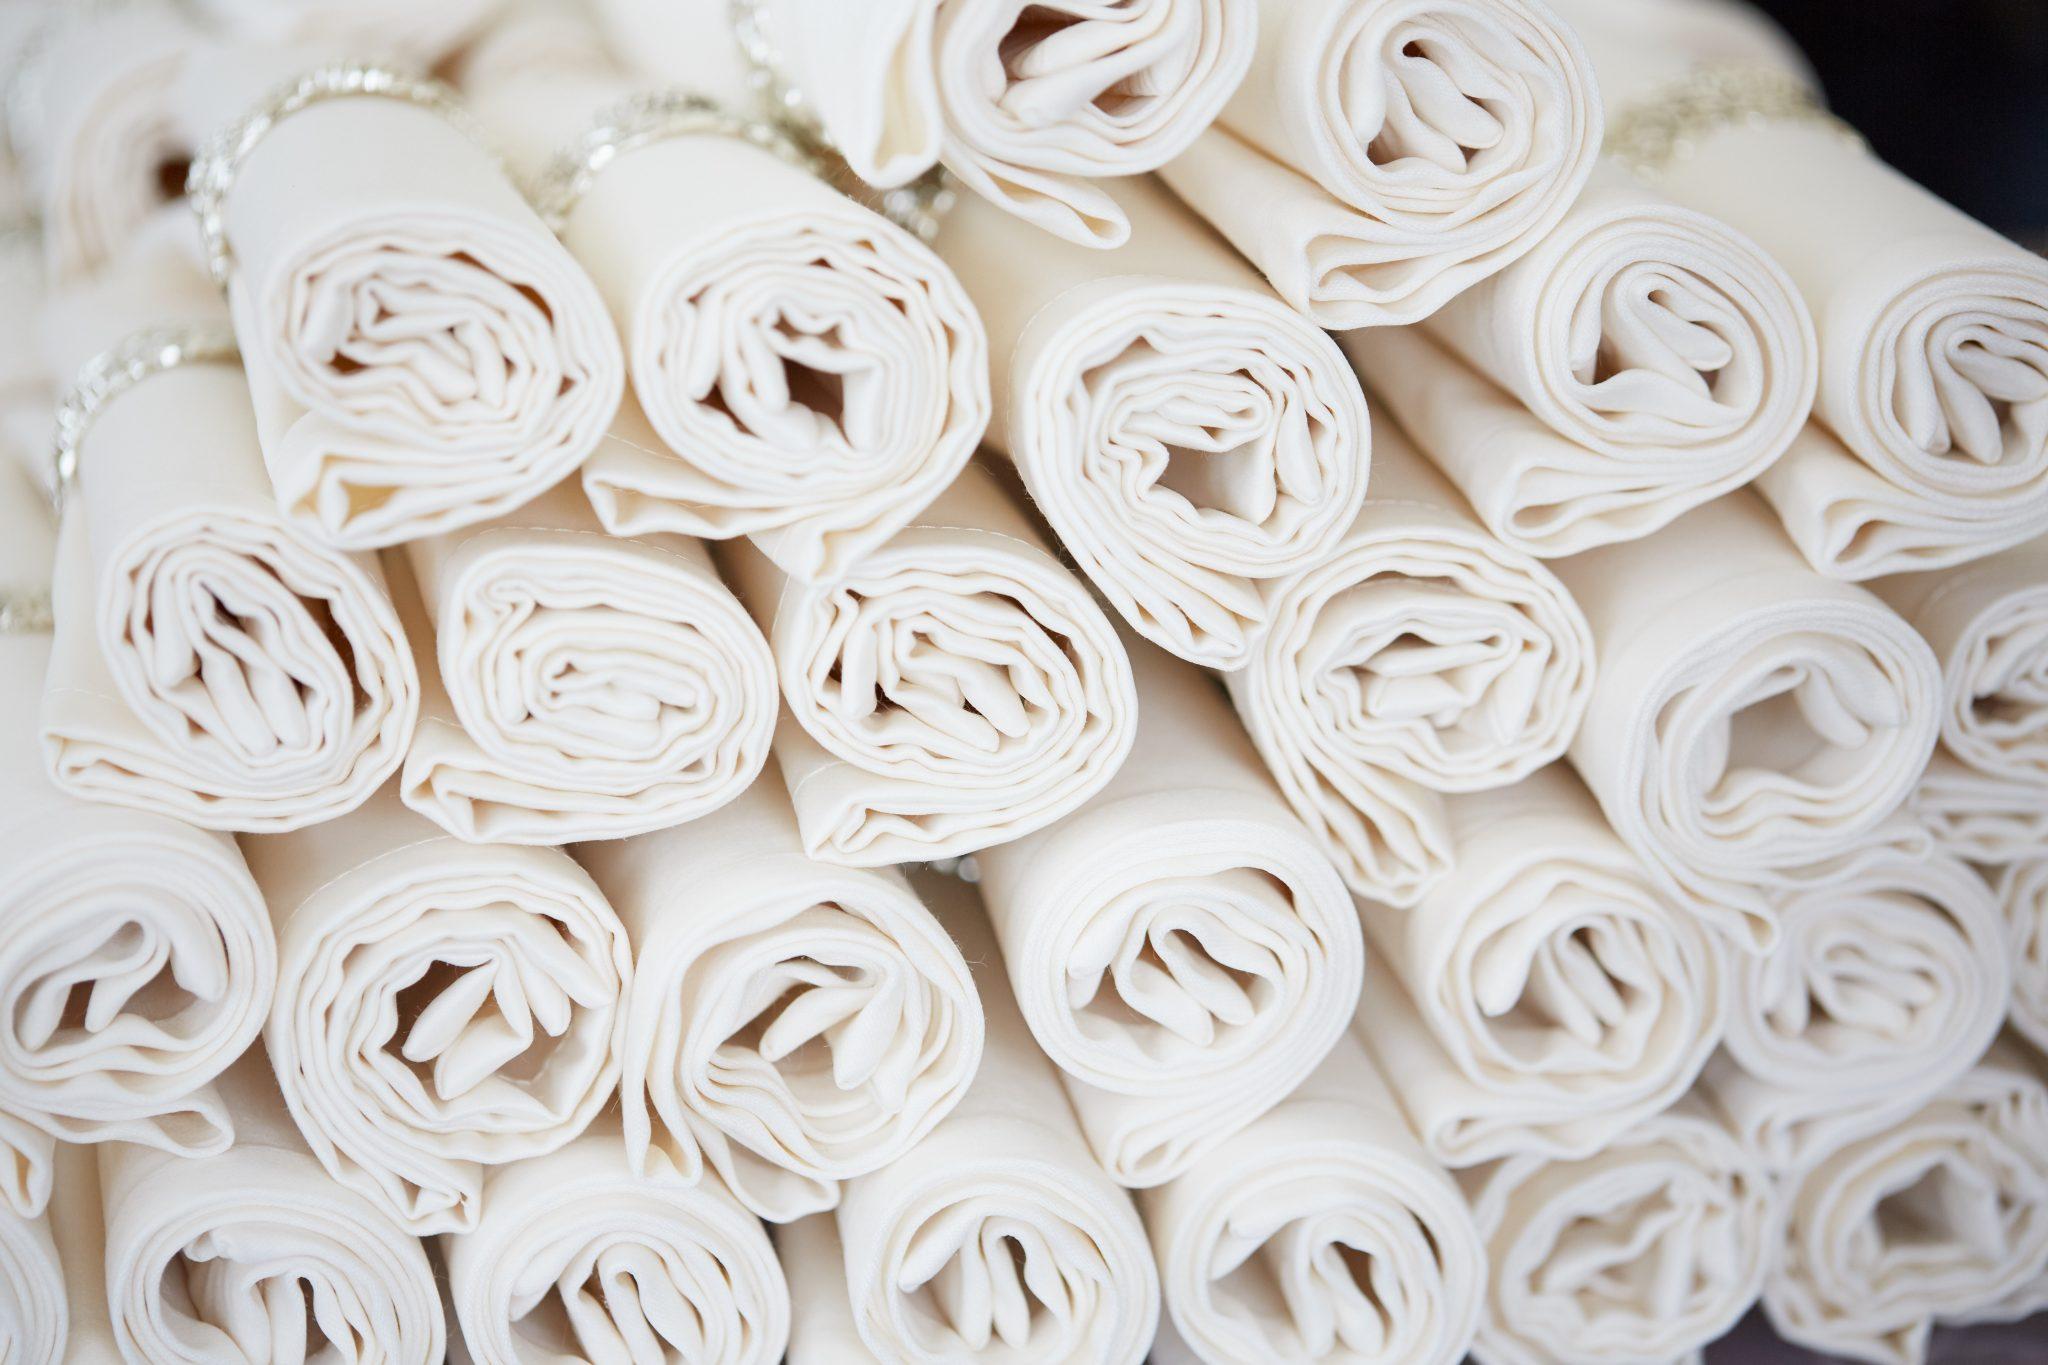 linen service napkins